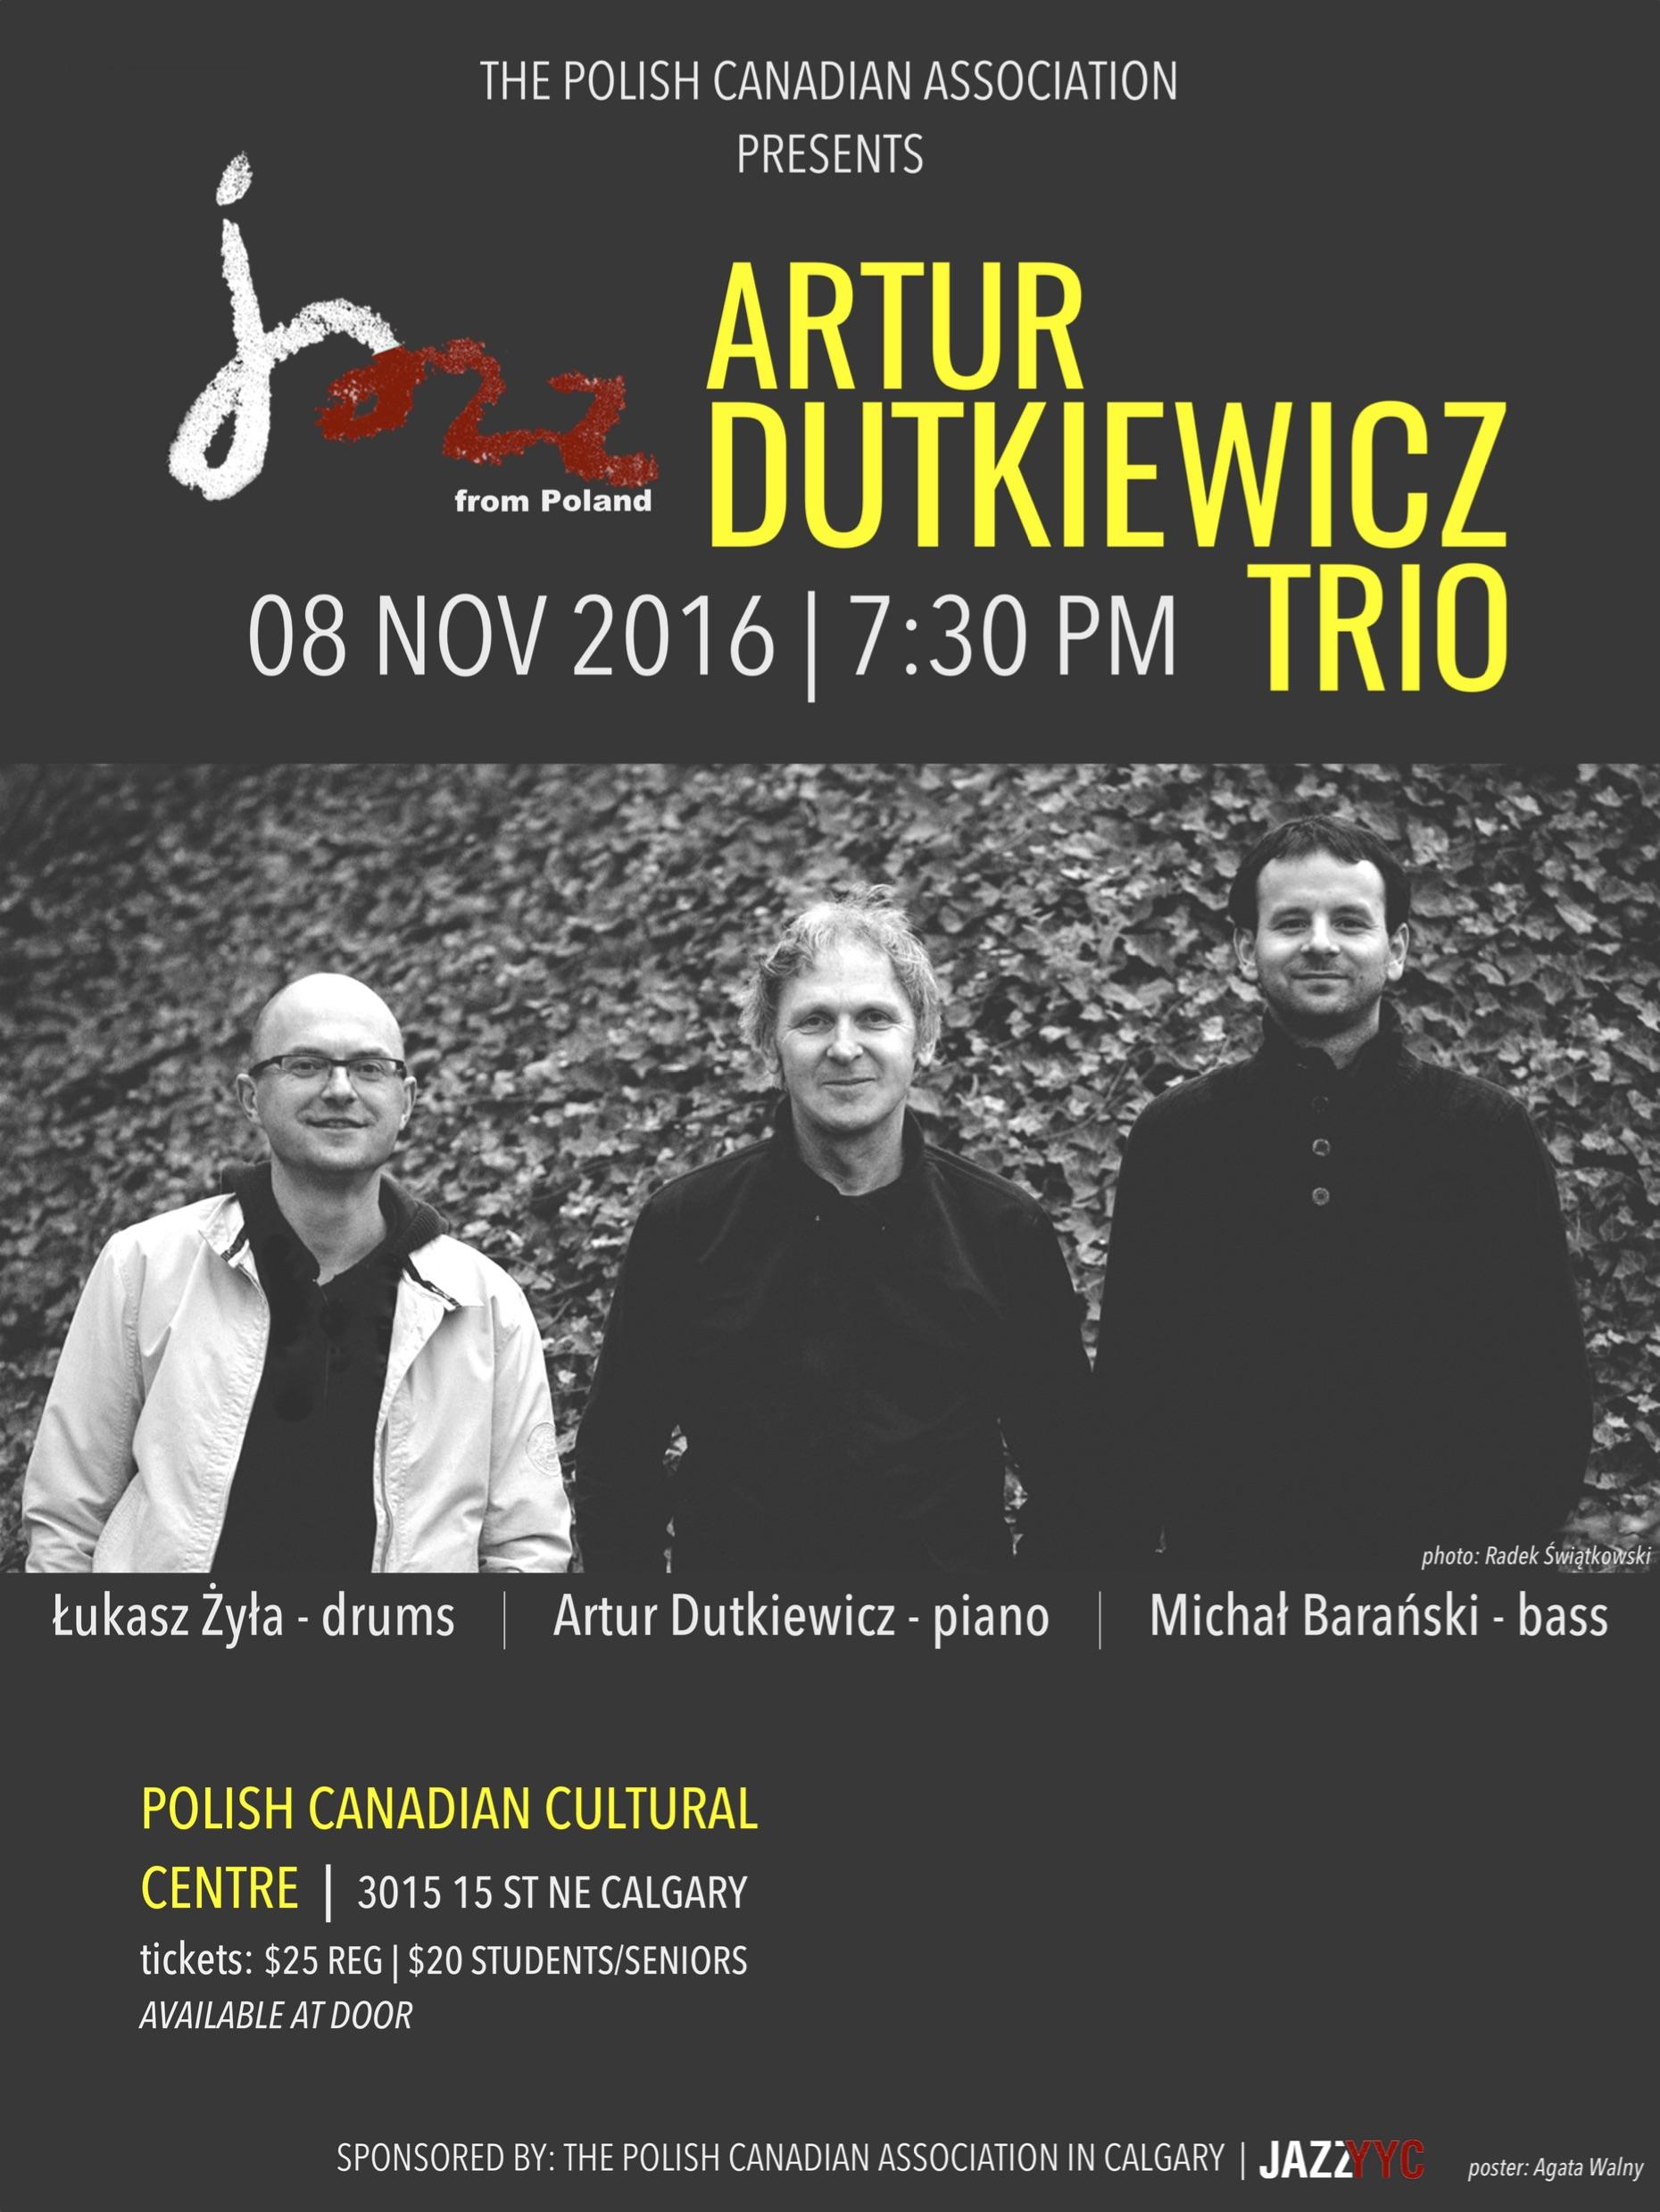 artur-dutkiewicz-trio